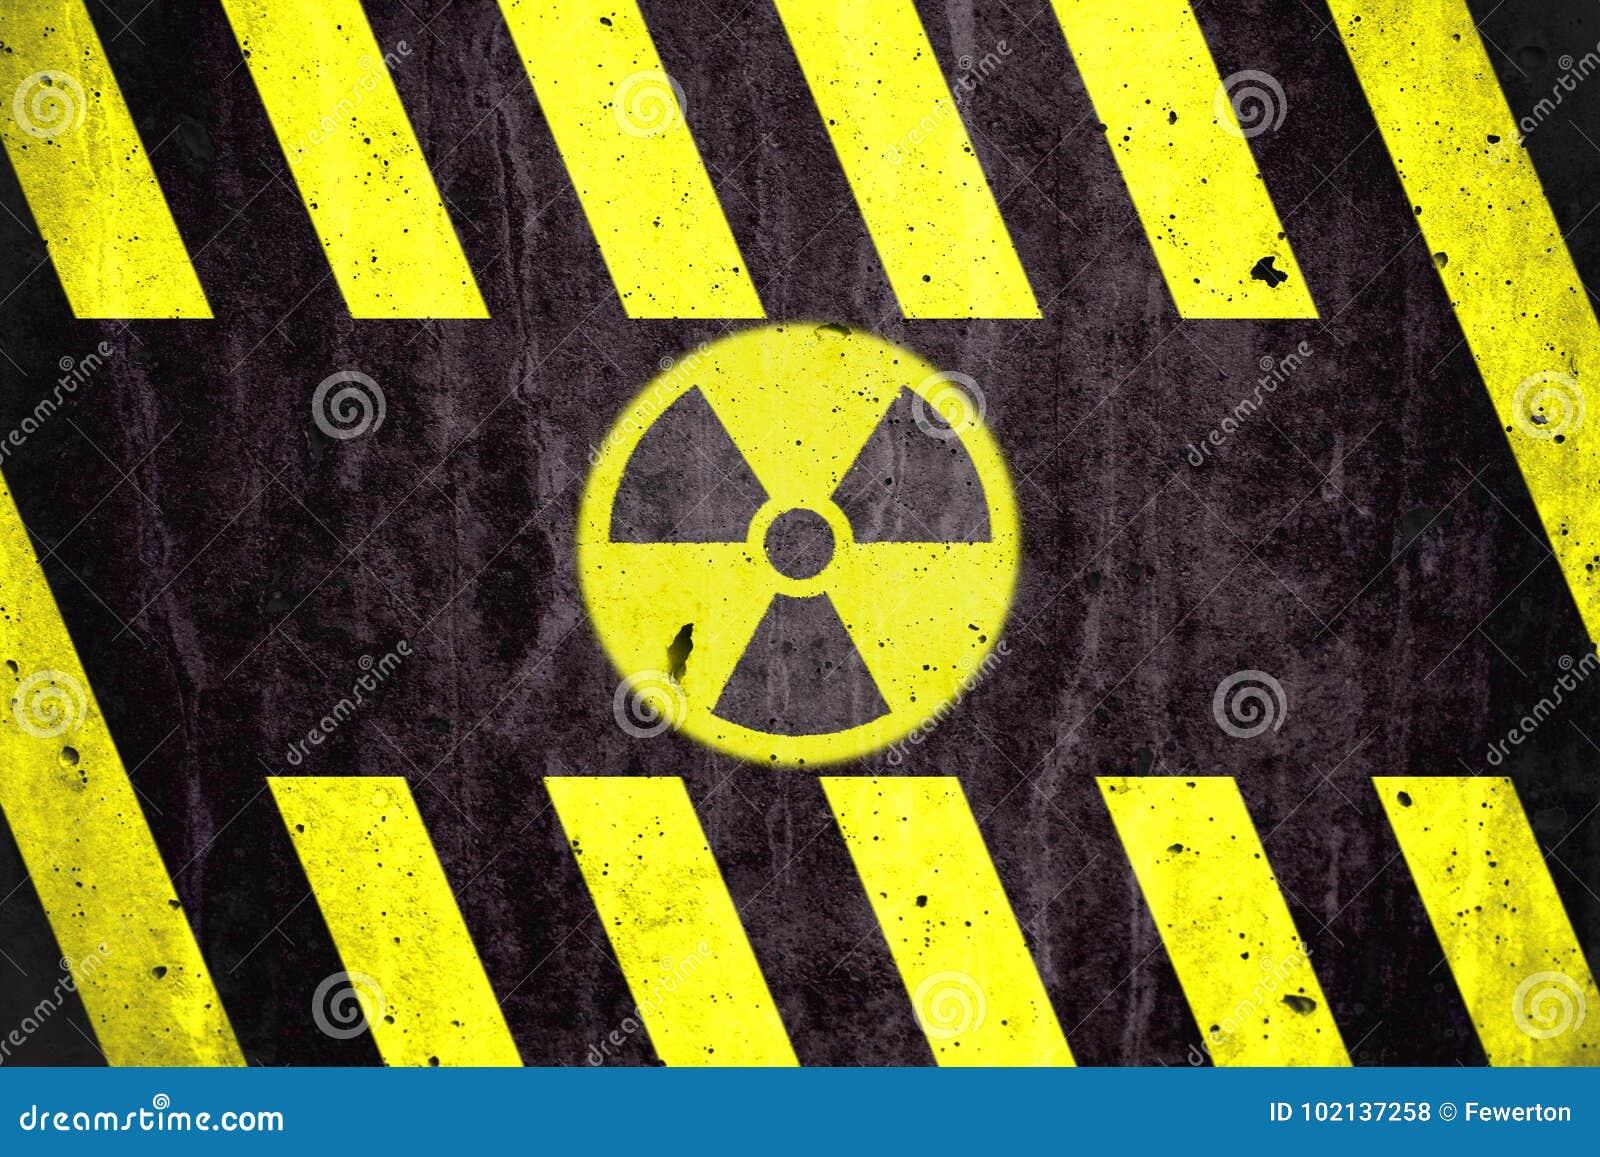 Símbolo radiactivo del peligro de la radiación ionizante con amarillo y rayas negras pintadas en un muro de cemento masivo